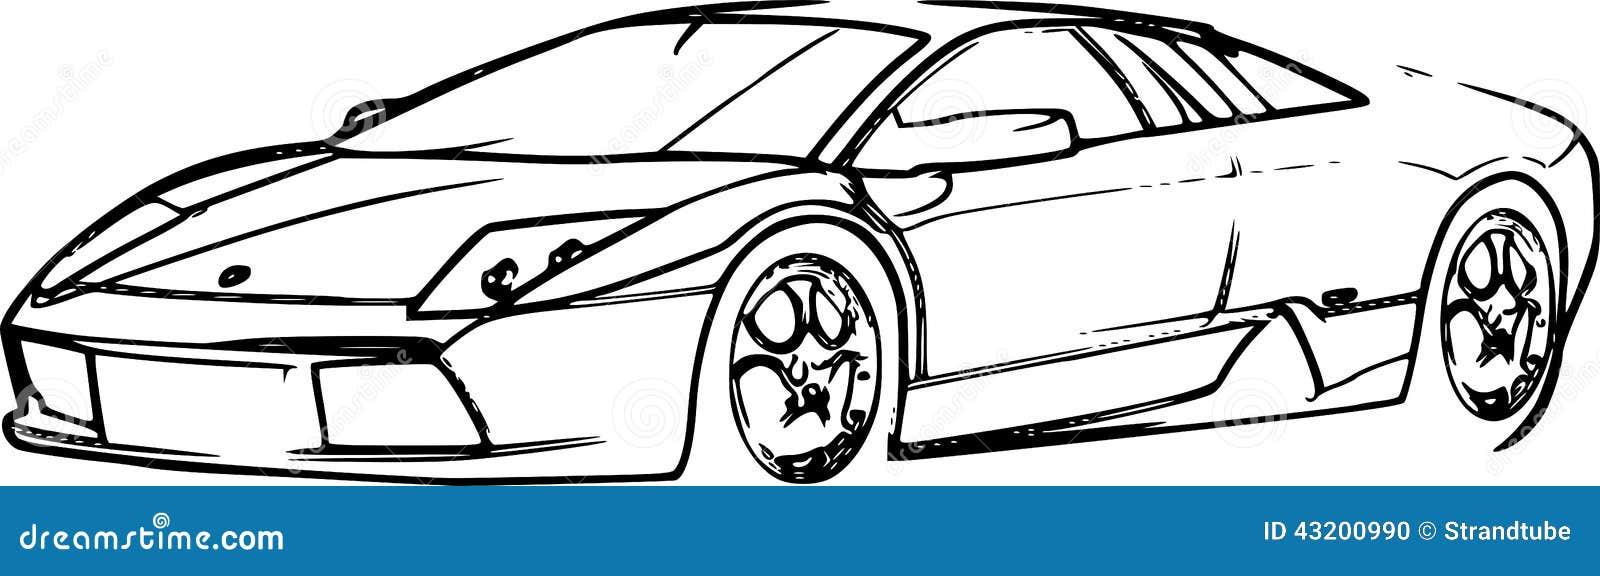 跑车画法铅笔画 怎么画跑车兰博基尼 跑车画法教程 跑车怎么画图片大全 跑车怎么画 跑车奥迪画法铅笔画